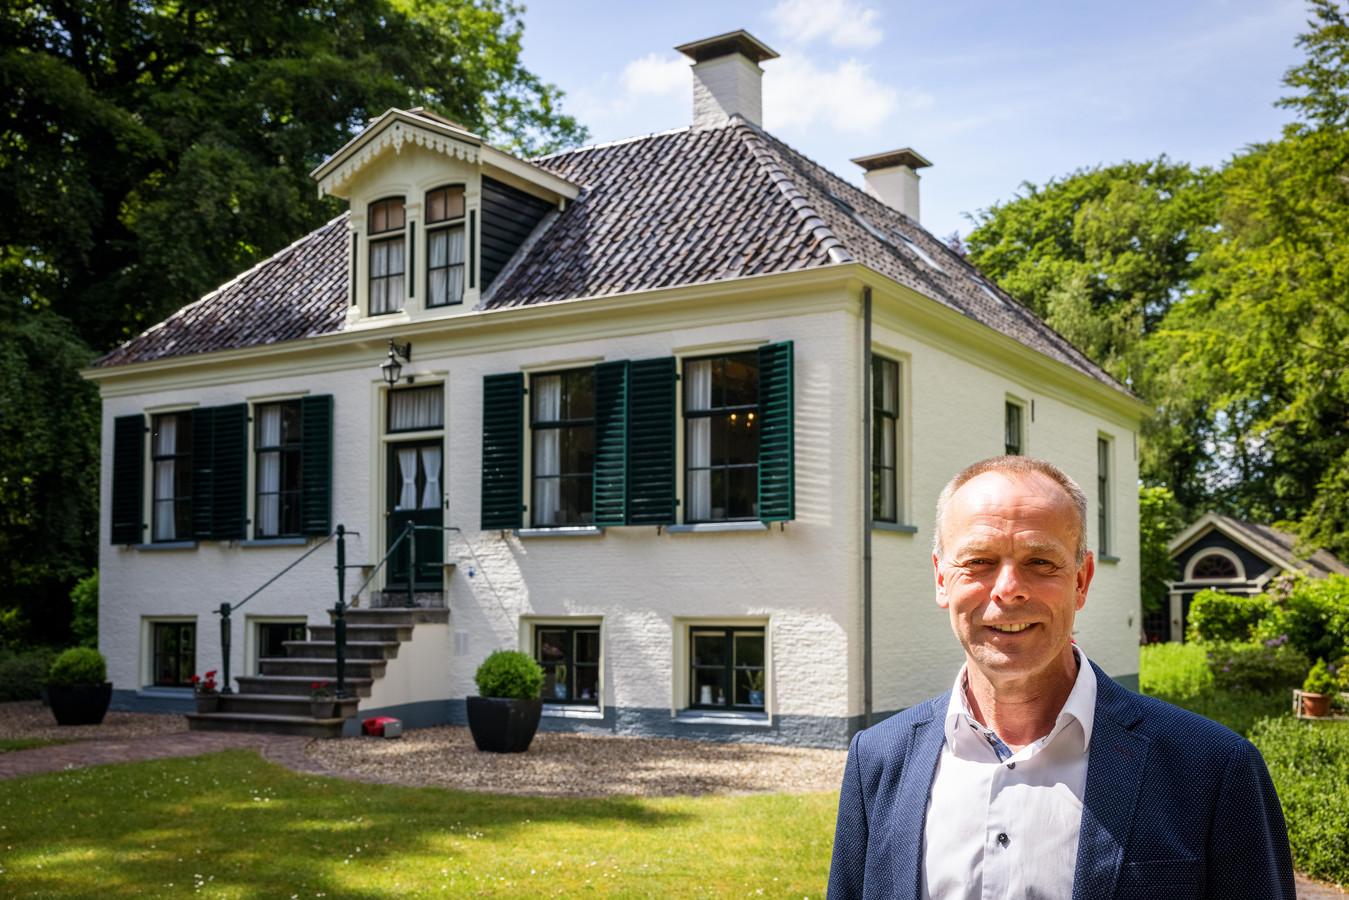 Directeur Minne Wiersma van de Koloniën van Weldadigheid, de organisatie die zich inzet voor behoud van de voormalige nederzettingen.